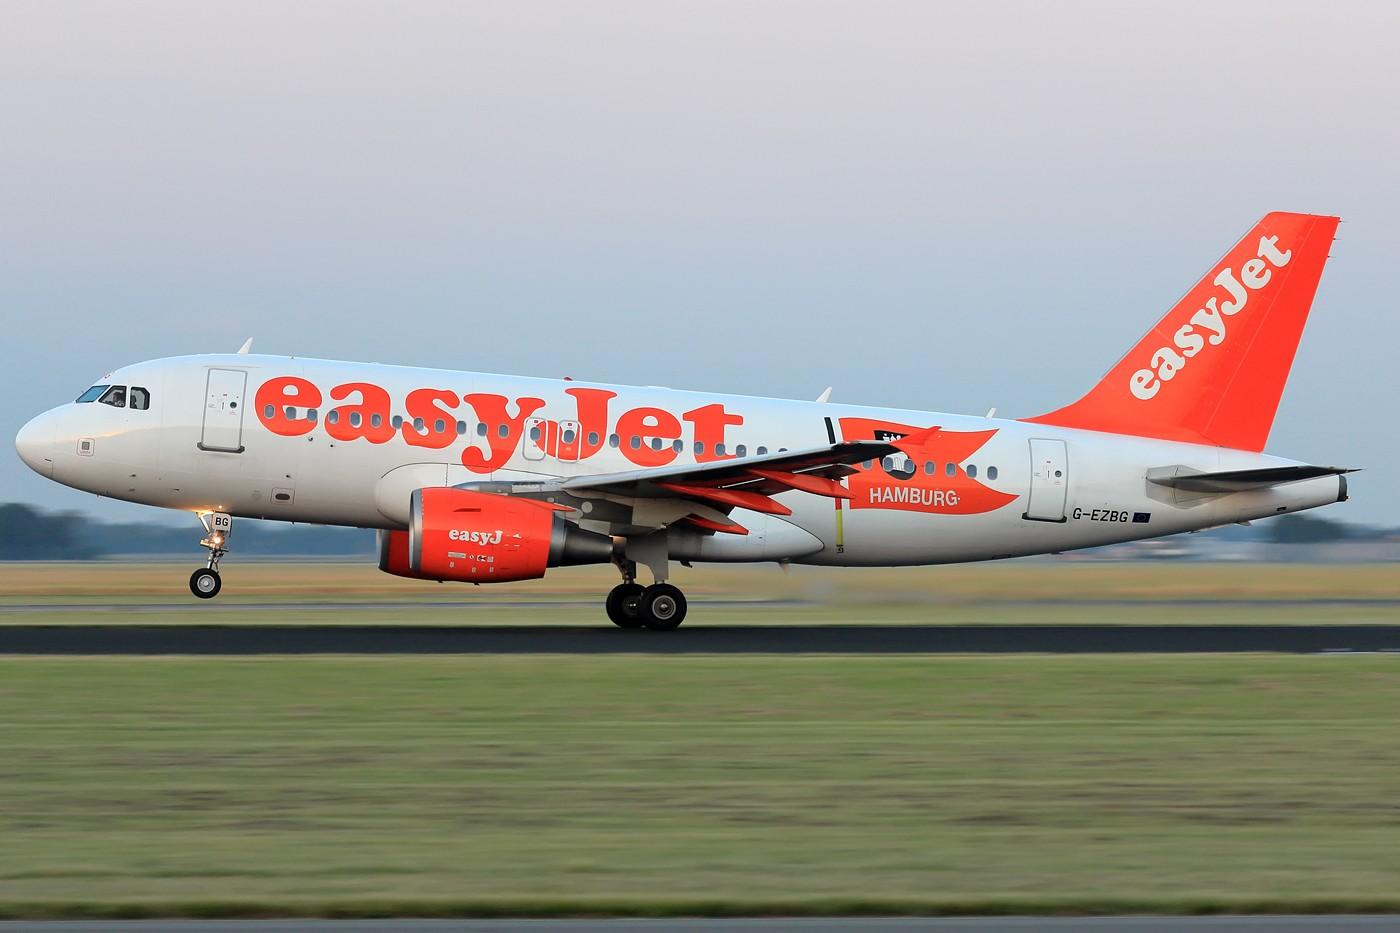 Re:[原创]【AMS】傍晚小动感一组 AIRBUS A319-100 G-EZBG 荷兰阿姆斯特丹史基浦机场